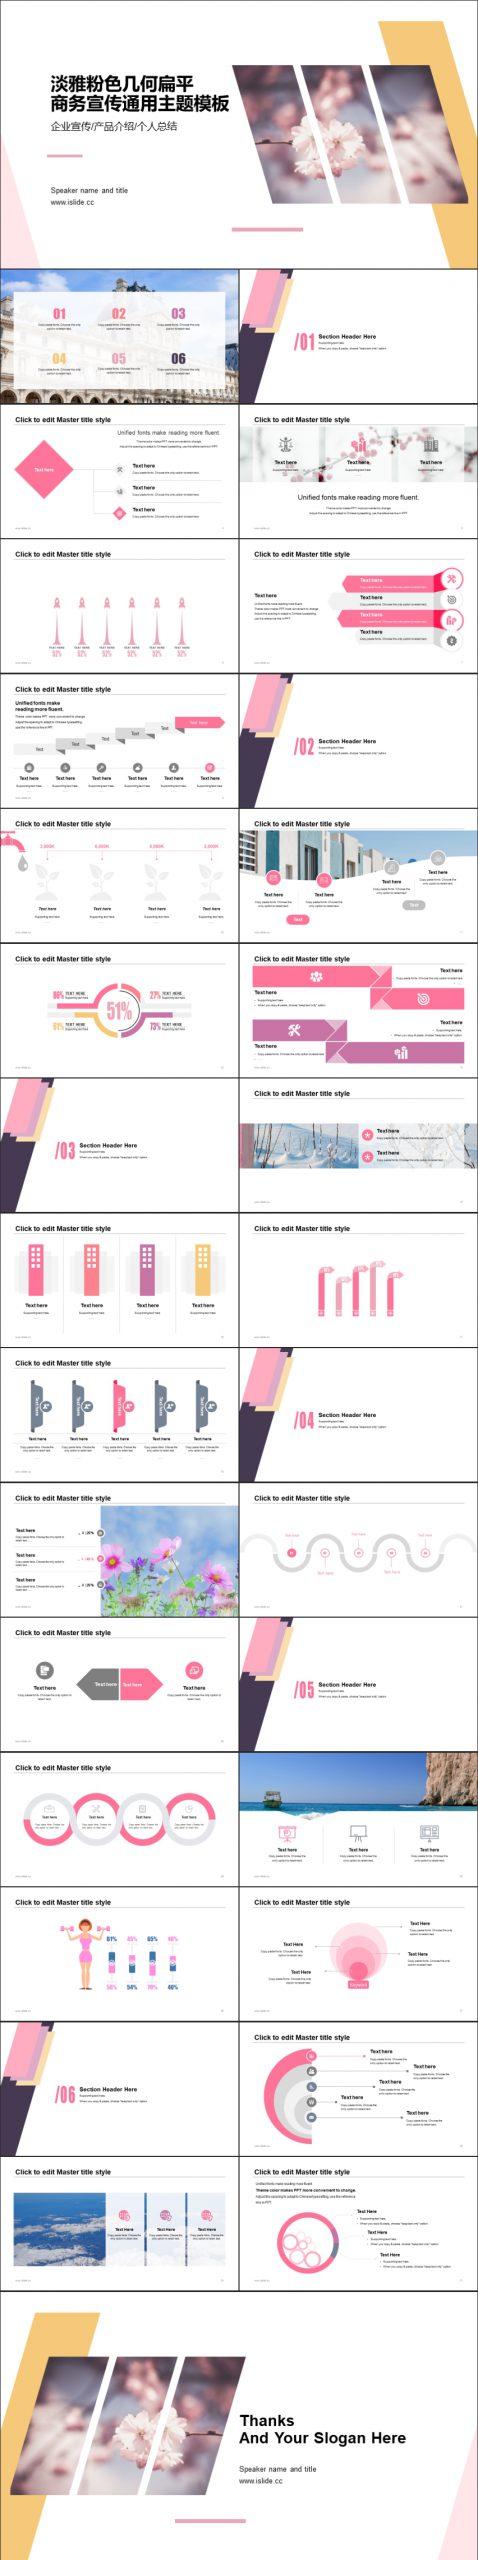 淡雅粉色几何扁平商务宣传PPT模板下载_预览图2